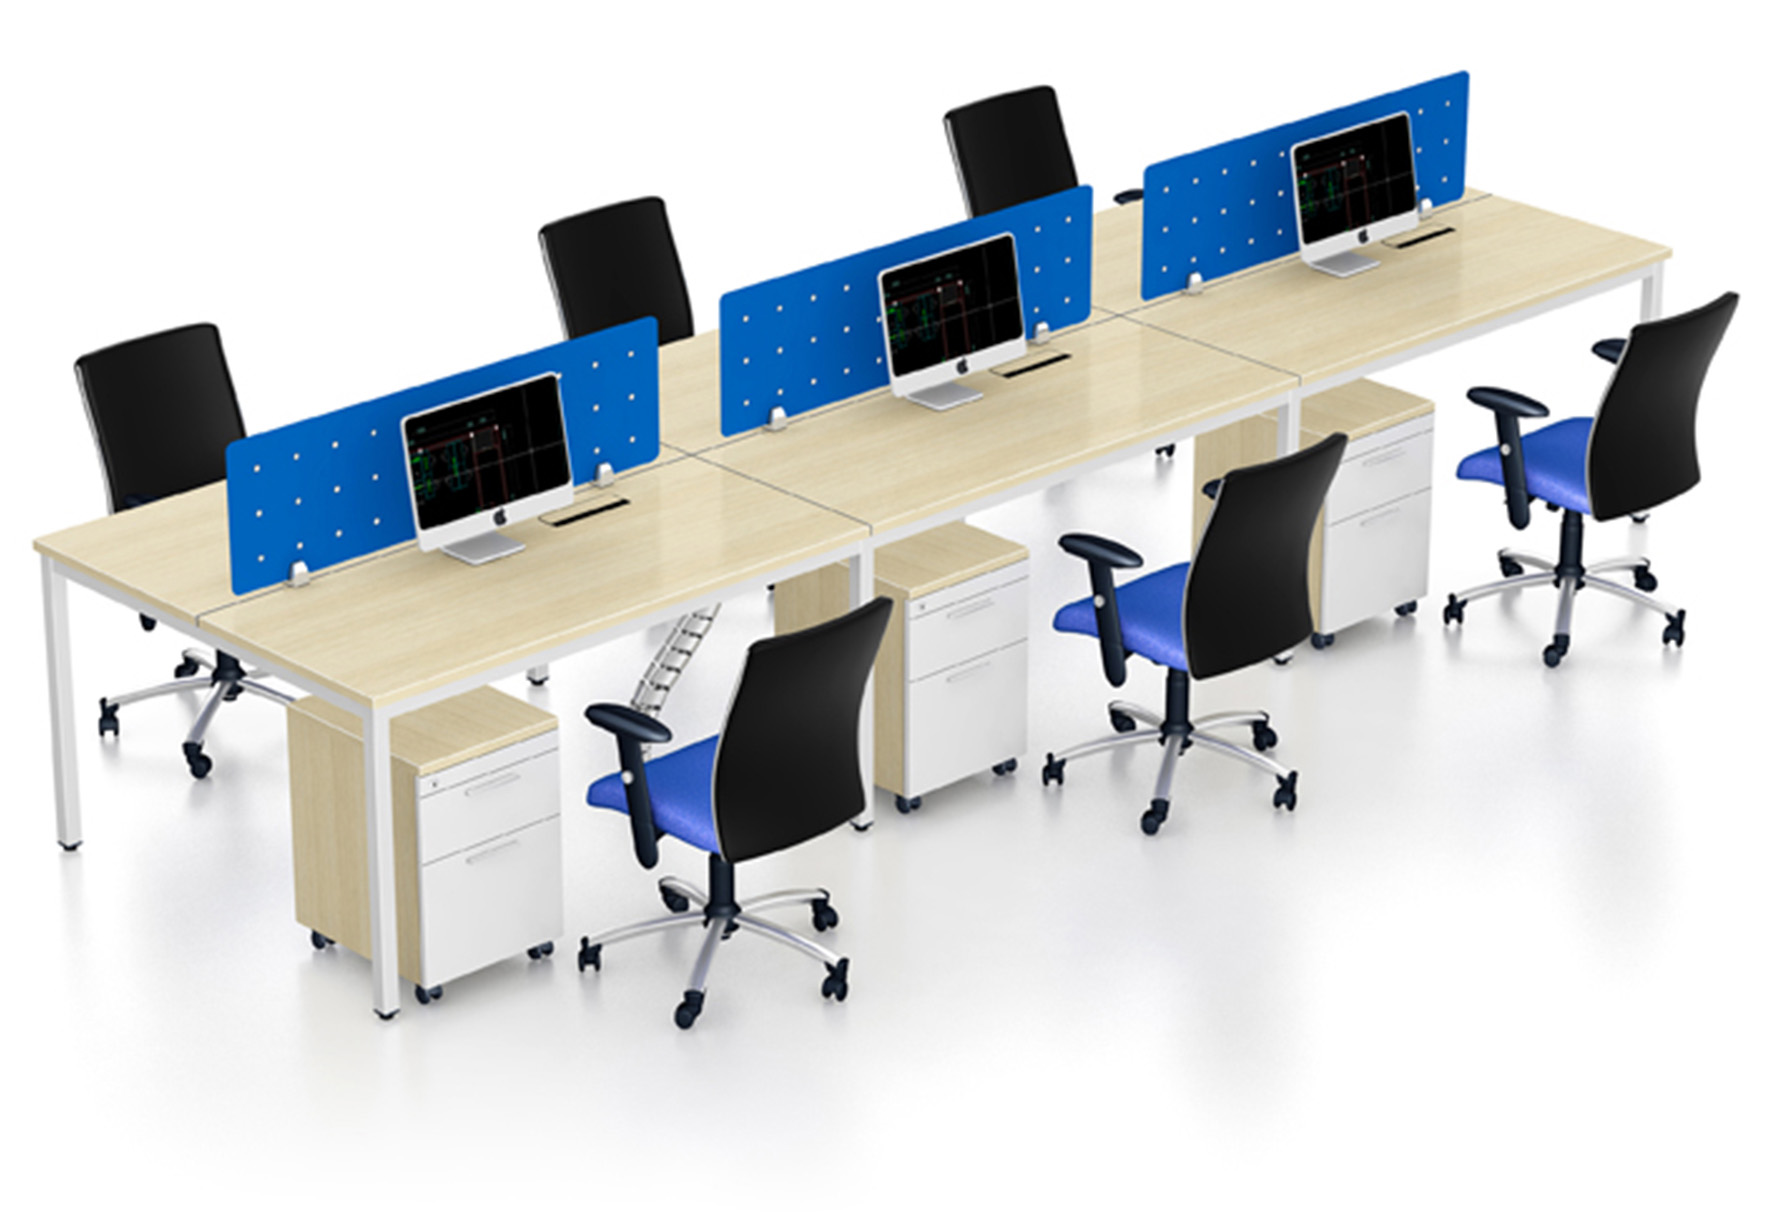 Thiết kế nội thất đẹp đa dạng mẫu mã 035209563684661